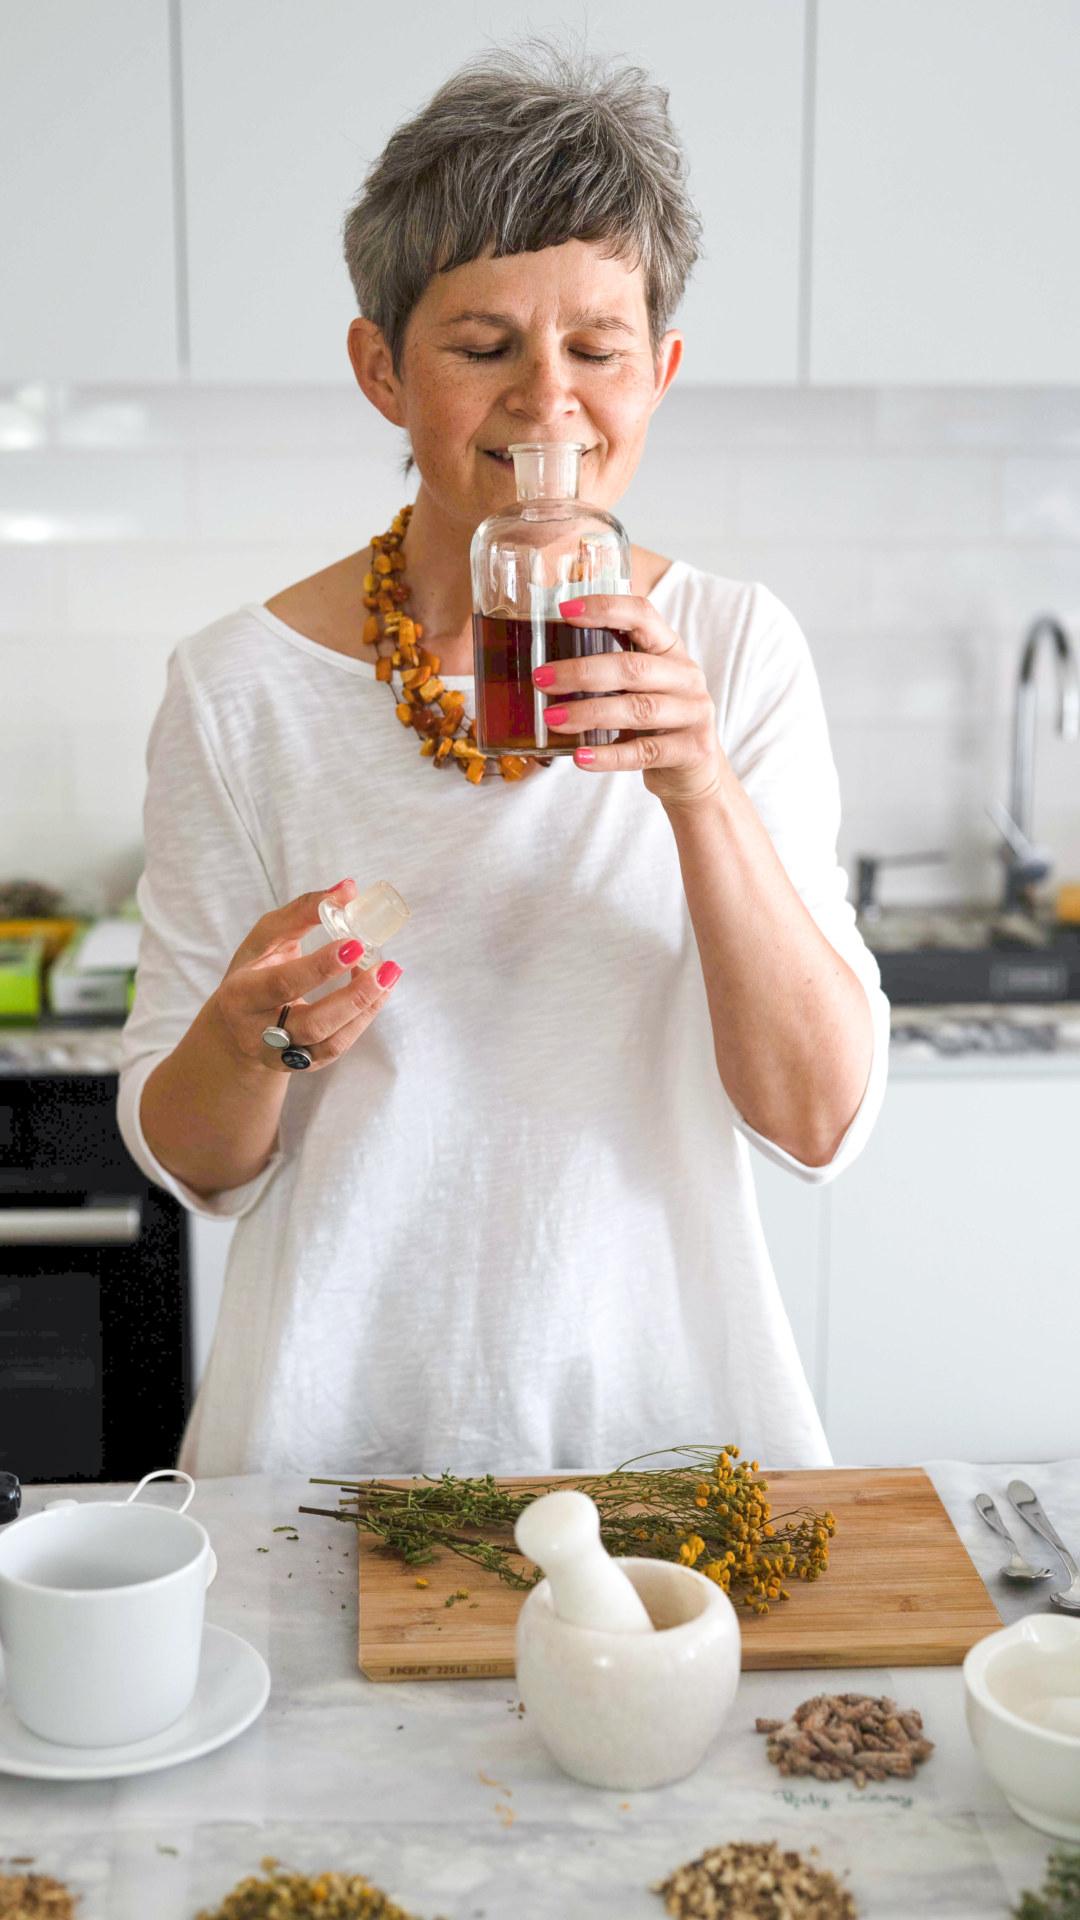 Kobieta wącha napar w butelce.